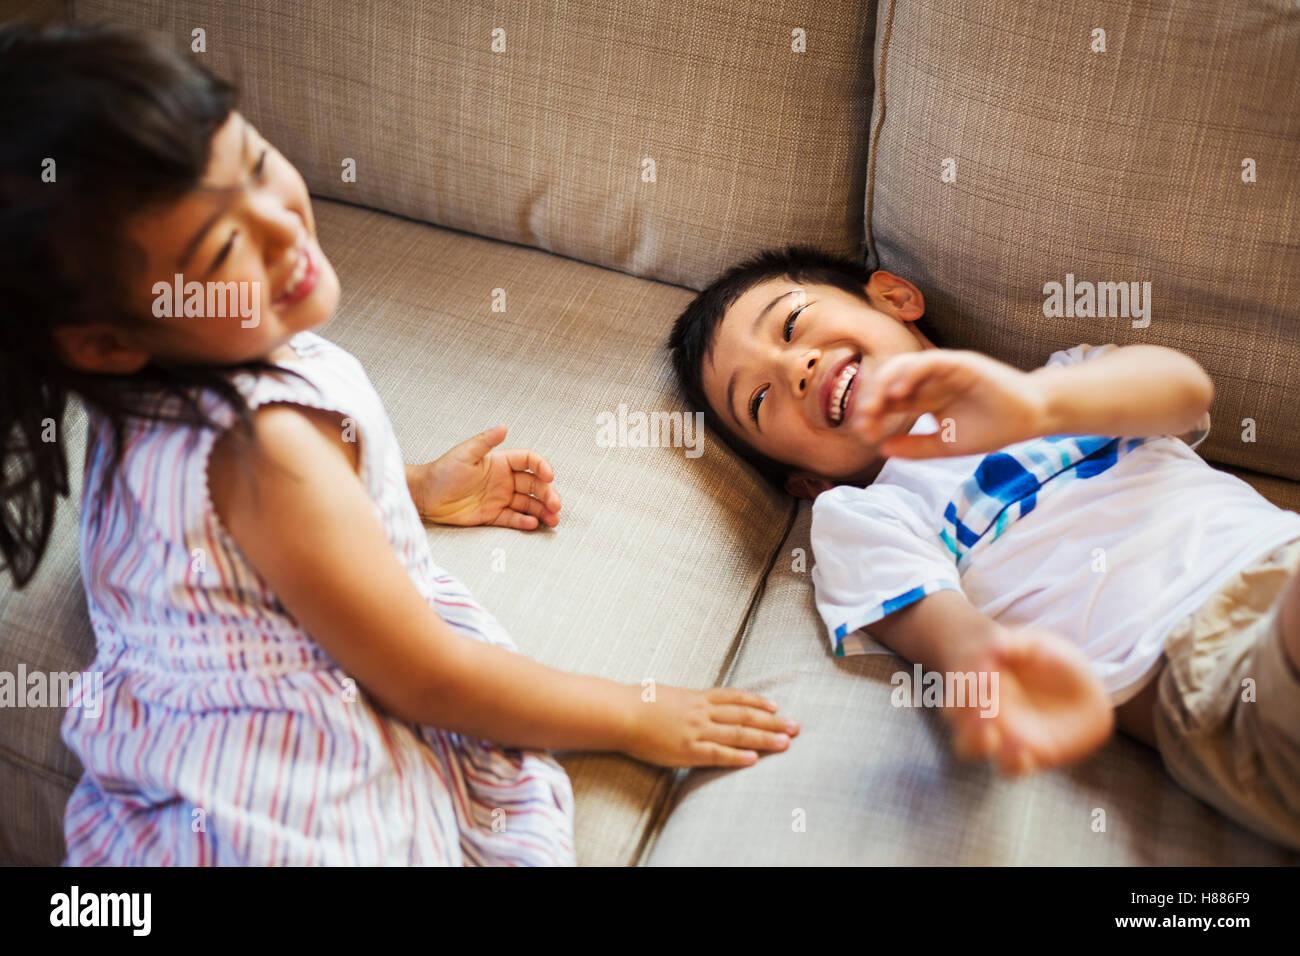 Casa di famiglia. Due bambini che giocano sul pavimento, sogghignando. Foto Stock